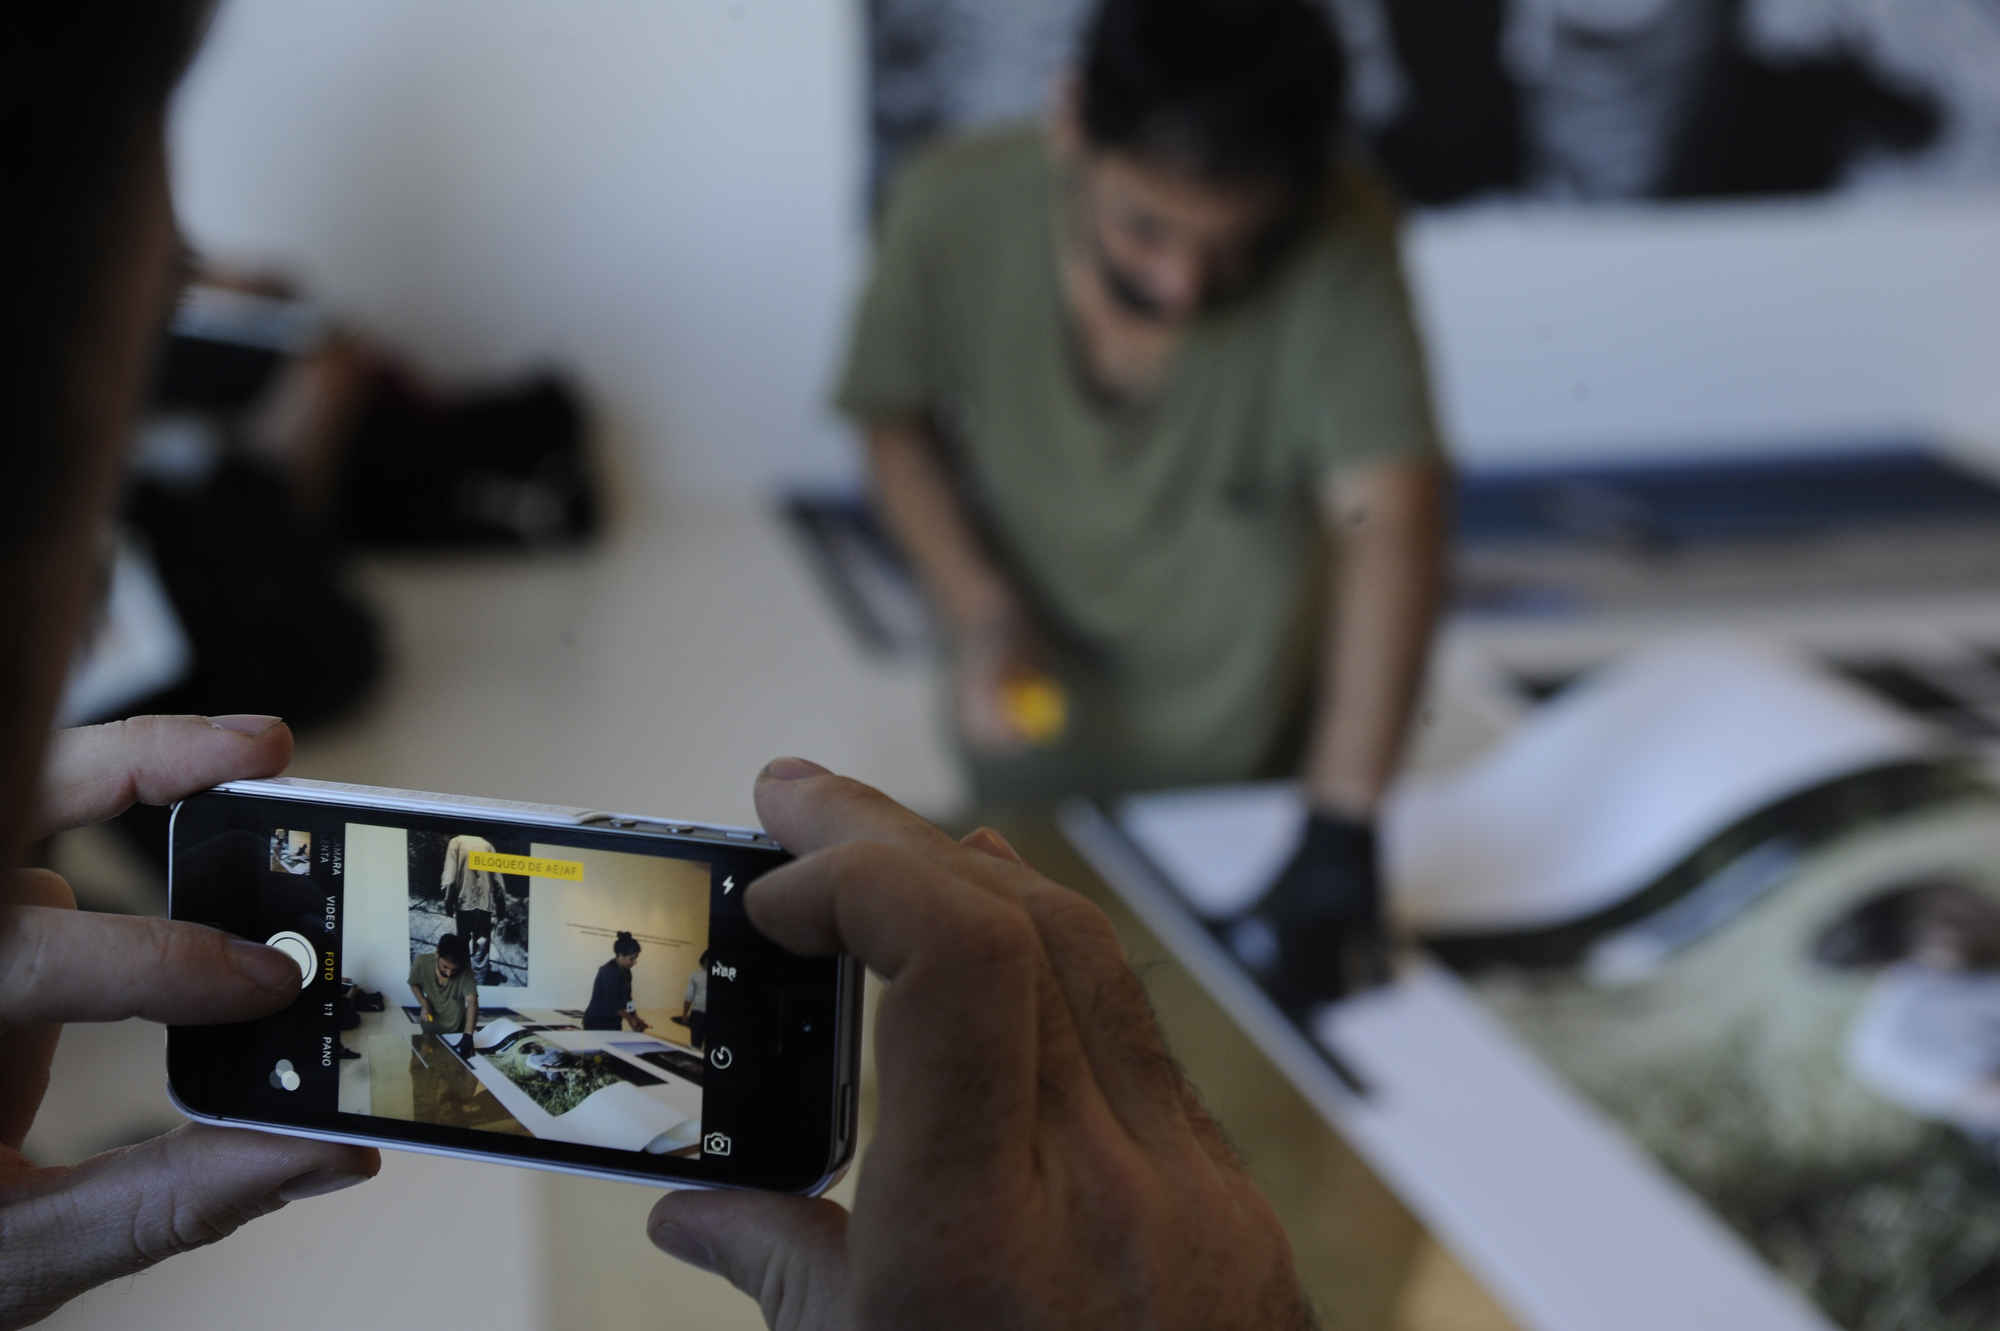 Fotógrafos Trabajan en la impresión de sus imágenes, FIFV 2016. ©Victor Ruiz Caballero